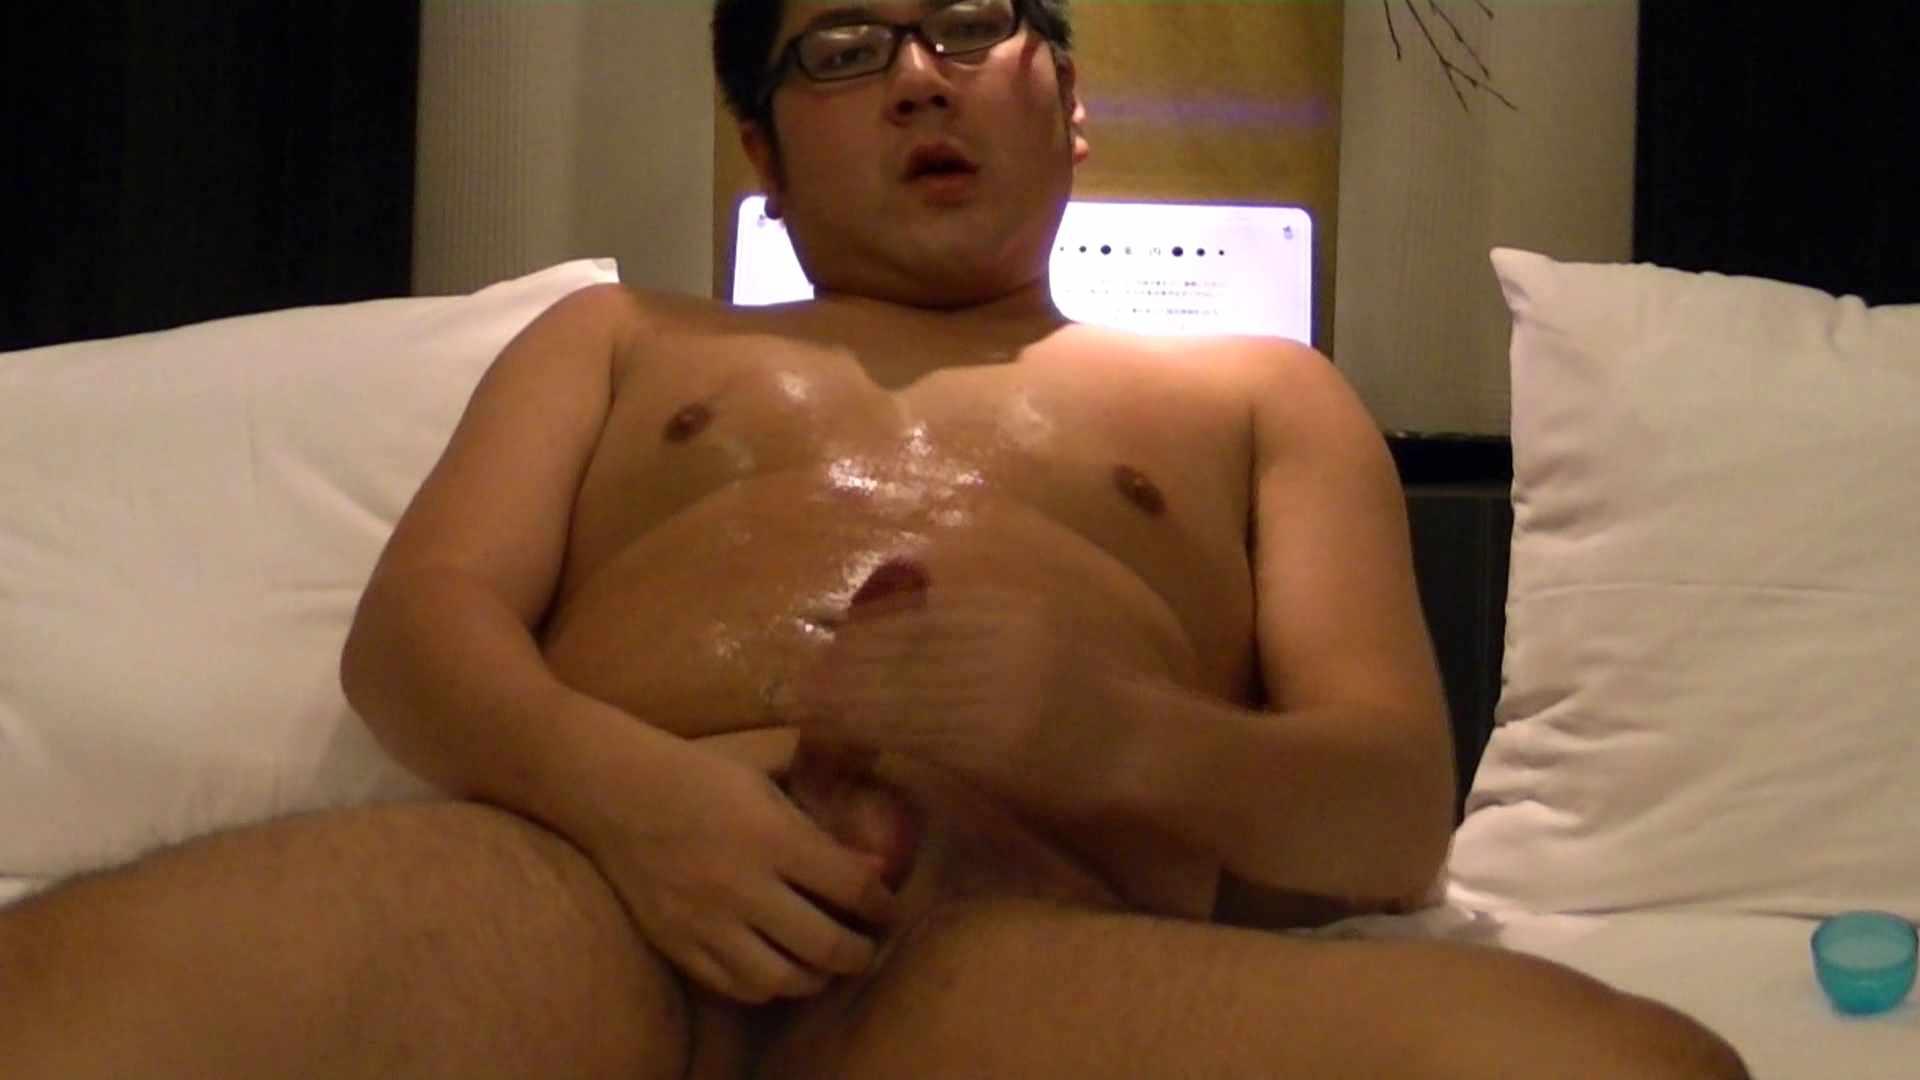 おちんちん|Mr.オナックスさん投稿!HD 貴方のオナニー三万円で撮影させてください。VOL.03 後編|ローション